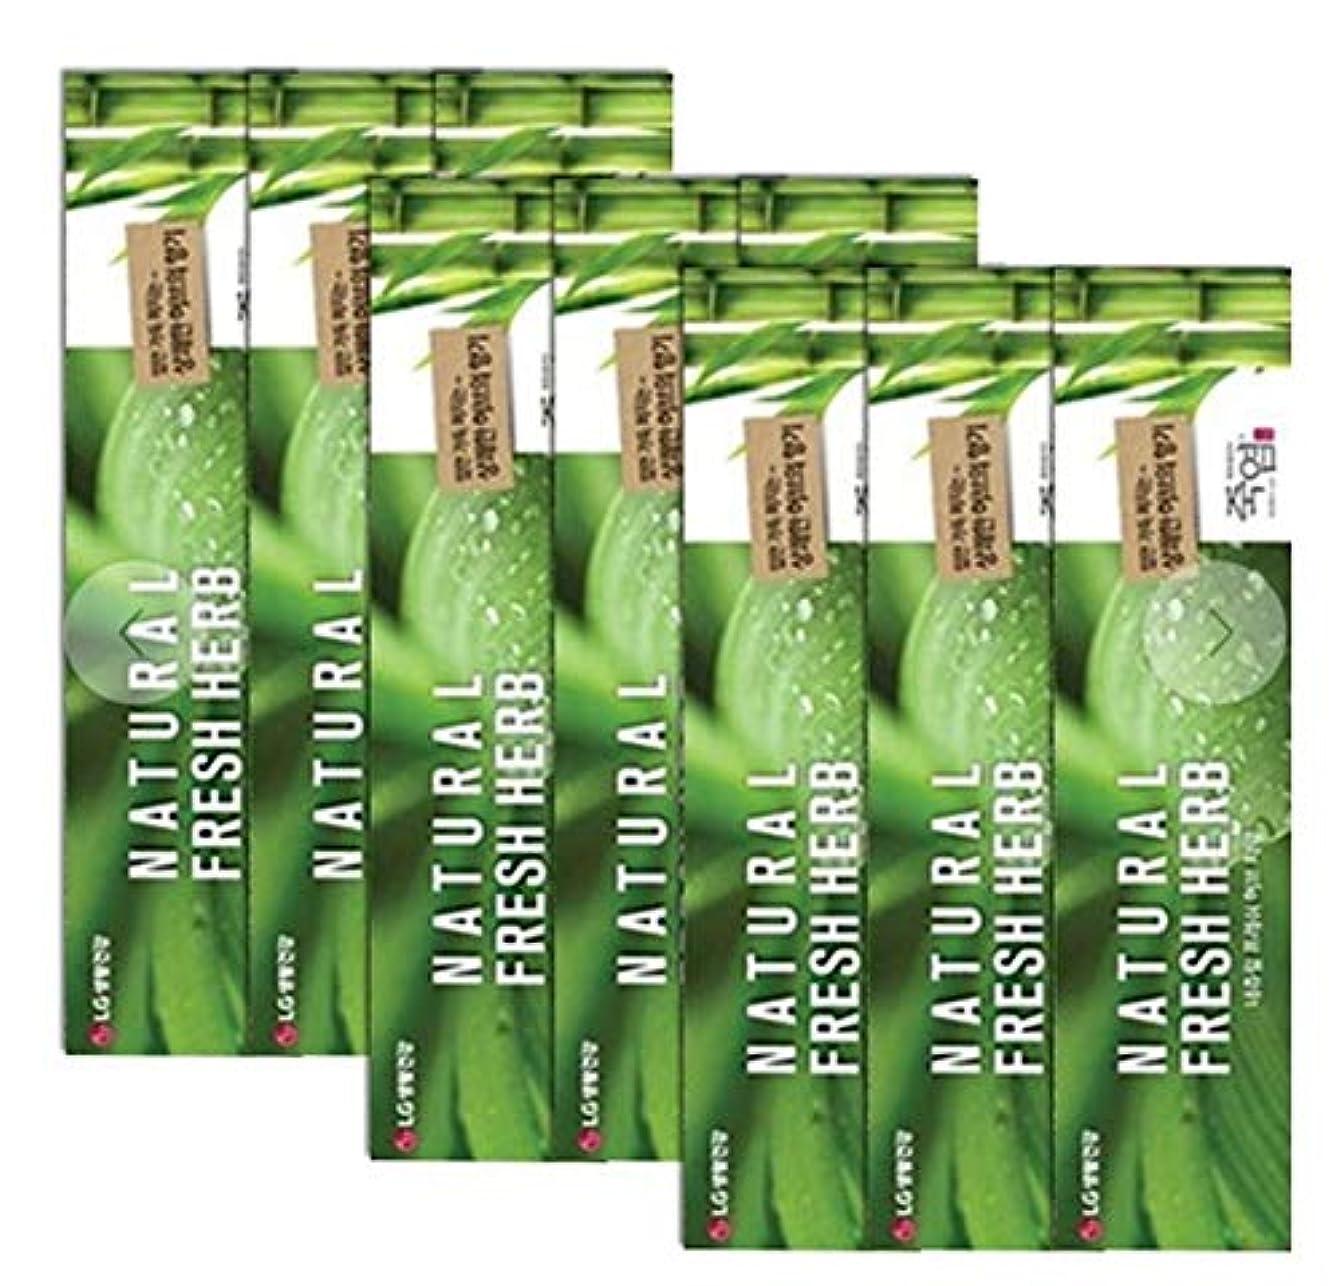 会話型水平消費者[LG生活と健康] LG竹塩Natural Freshナチュラルフレッシュハブ歯磨き粉160g*9つの(海外直送品)